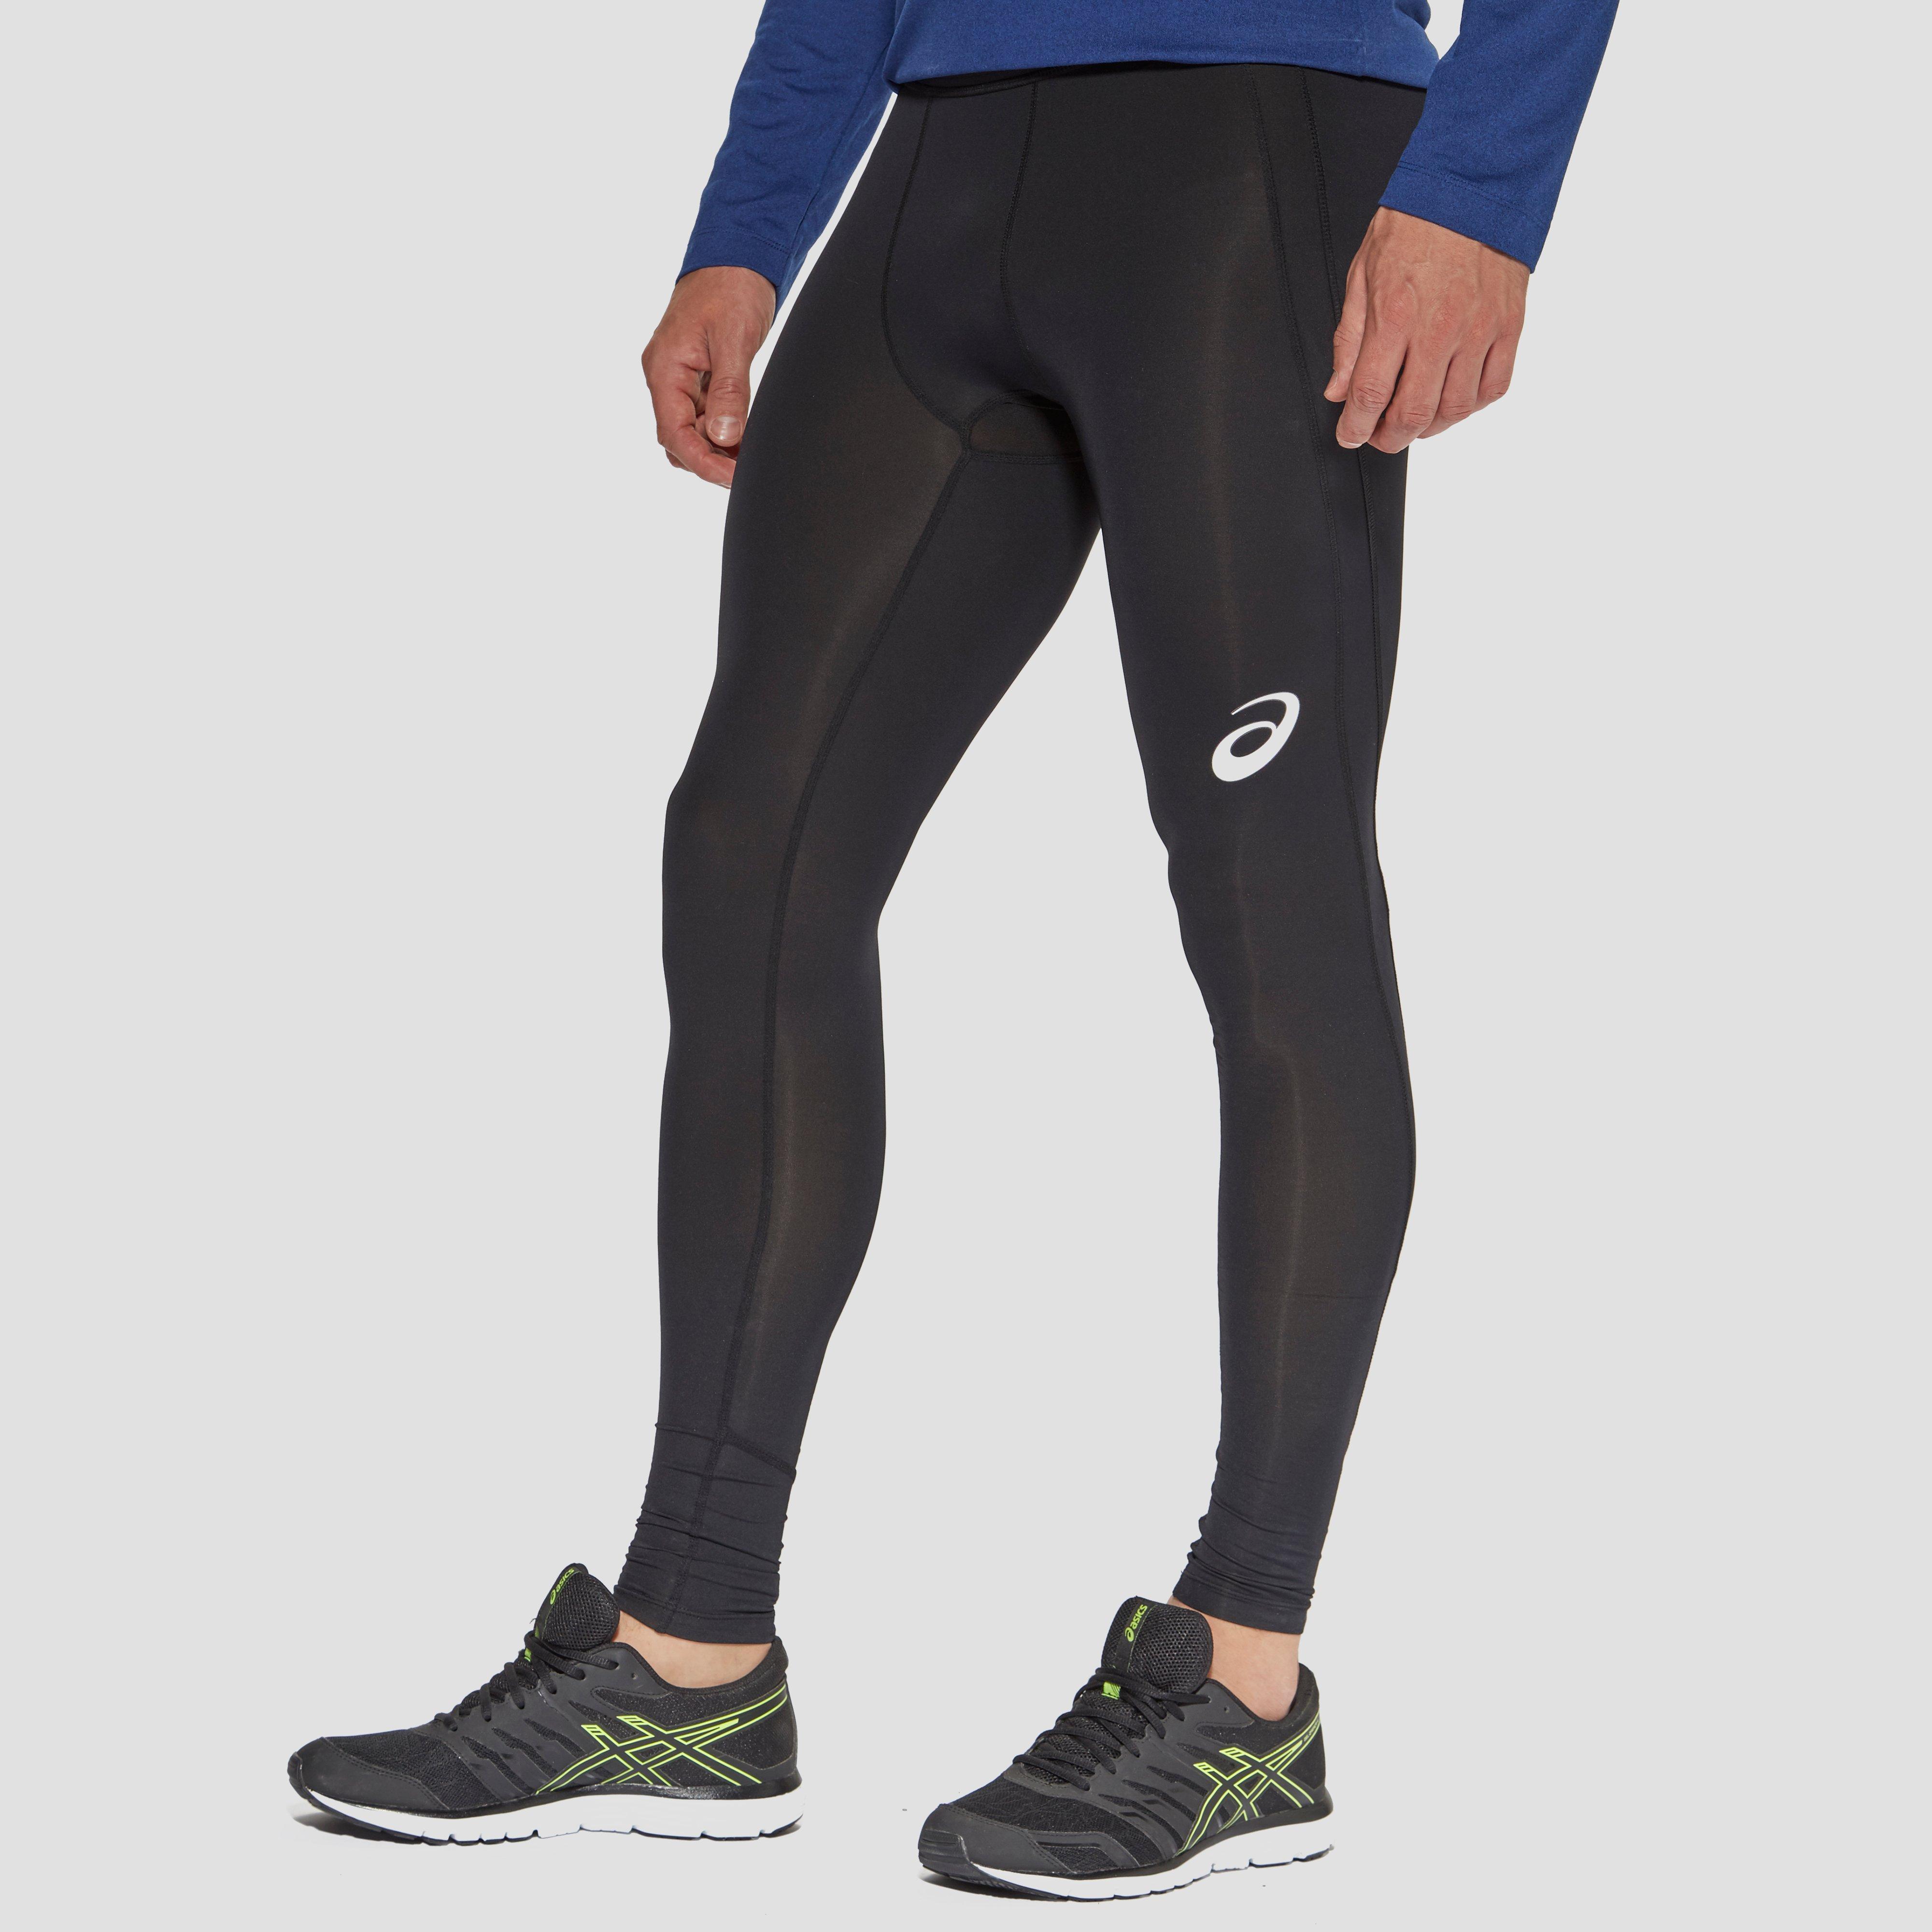 c6656b31353bc asics running leggings | ventes flash | www.multiservices-14.com